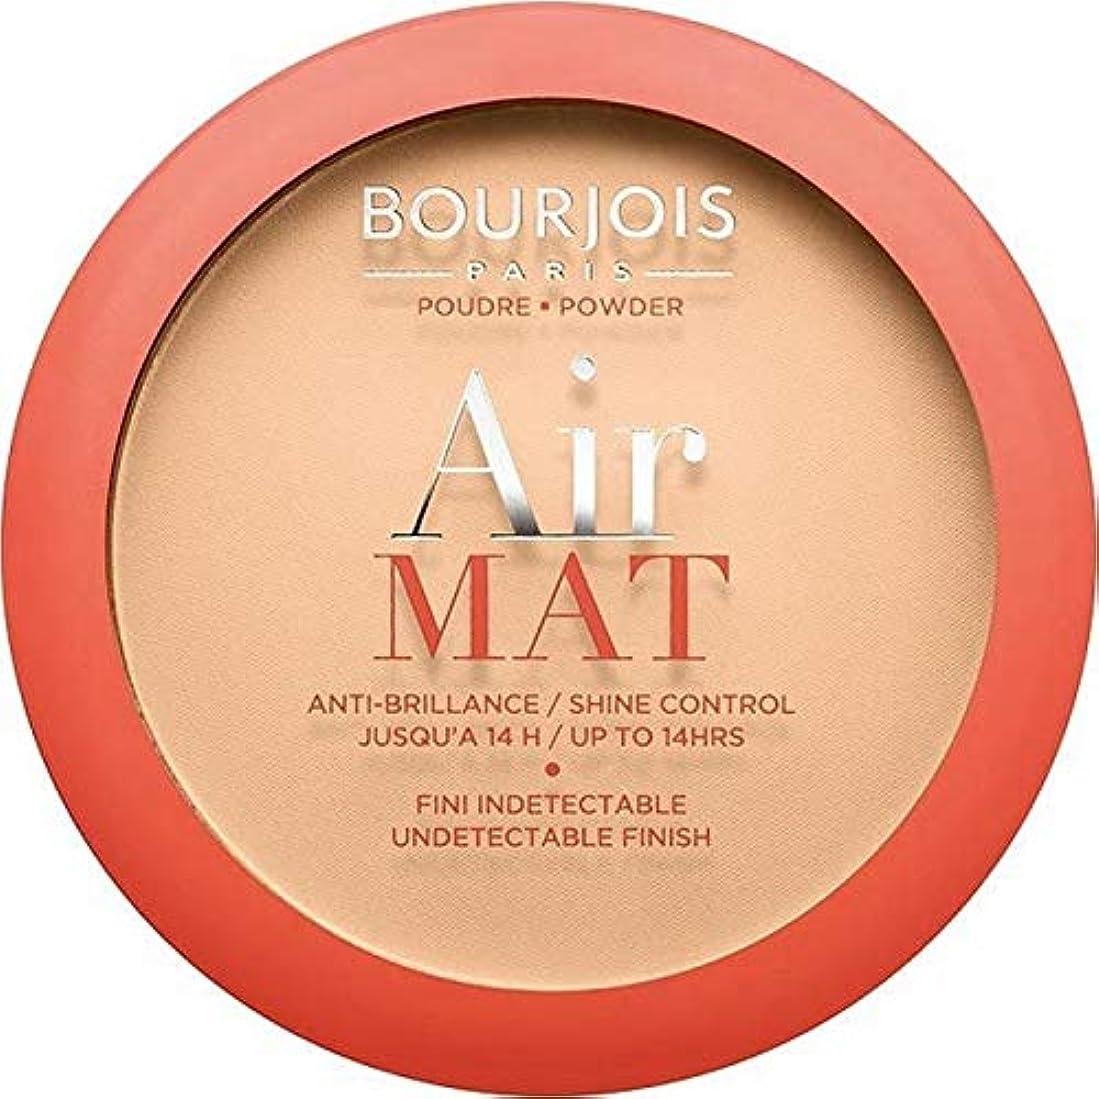 クラッシュプロトタイプ鷹[Bourjois ] ブルジョワ空気マット圧粉 - ライトベージュ - Bourjois Air Mat Pressed Powder - Light Beige [並行輸入品]